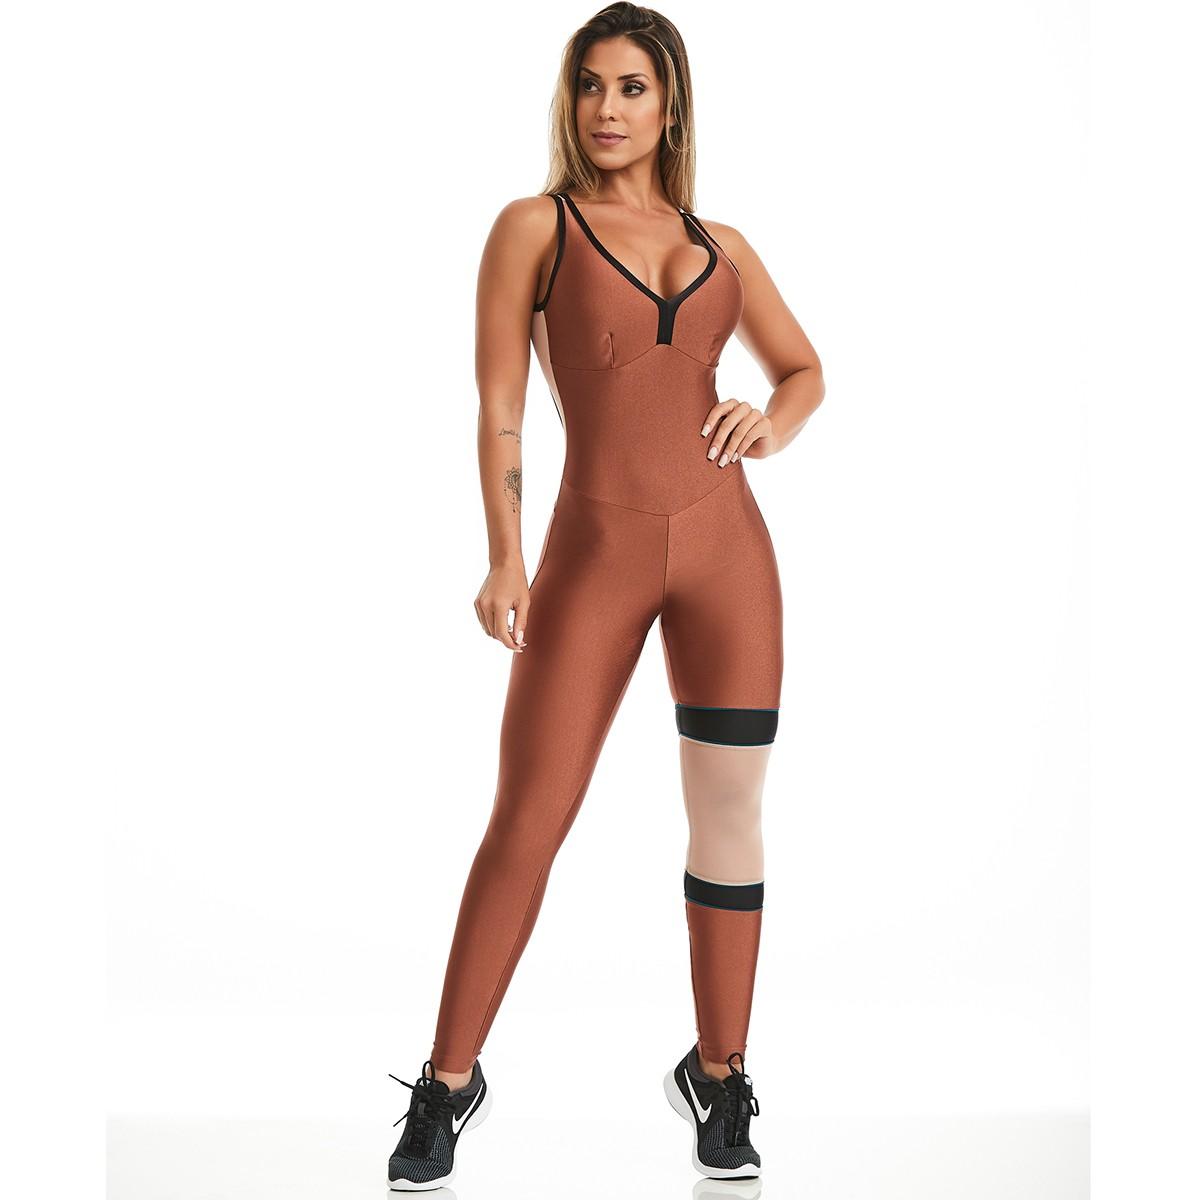 Macacão Radiance Bronze CAJUBRASIL Activewear